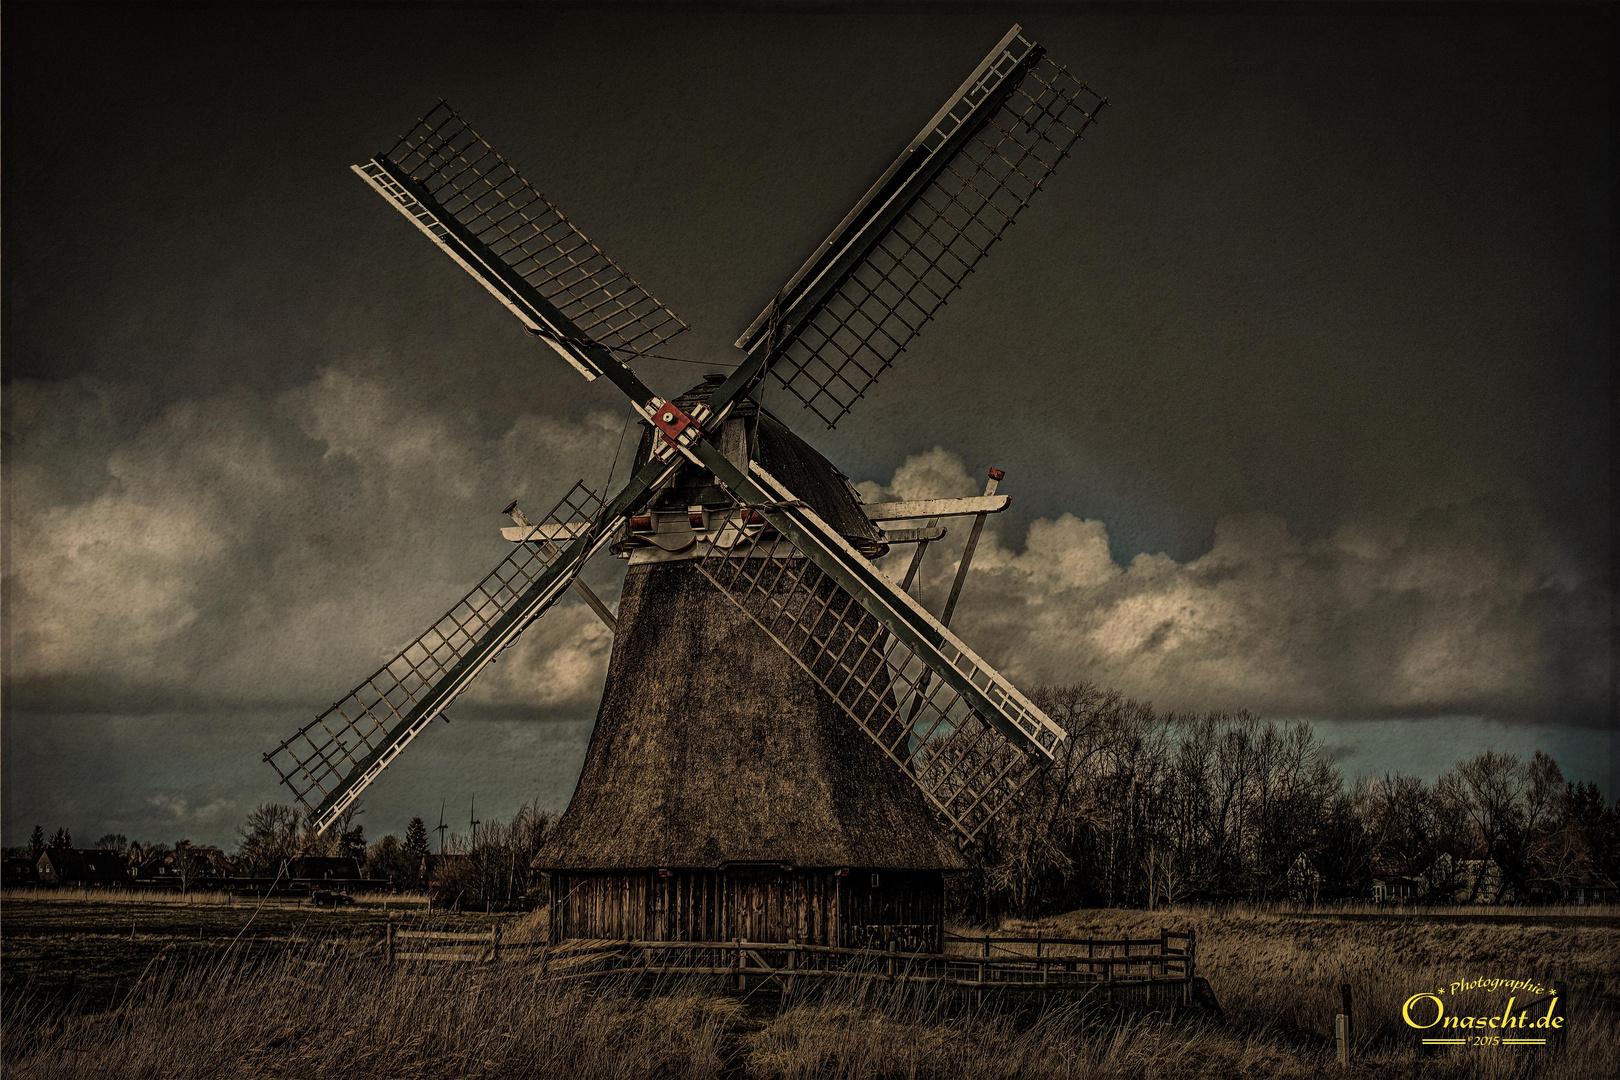 Wedelfelder Mühle